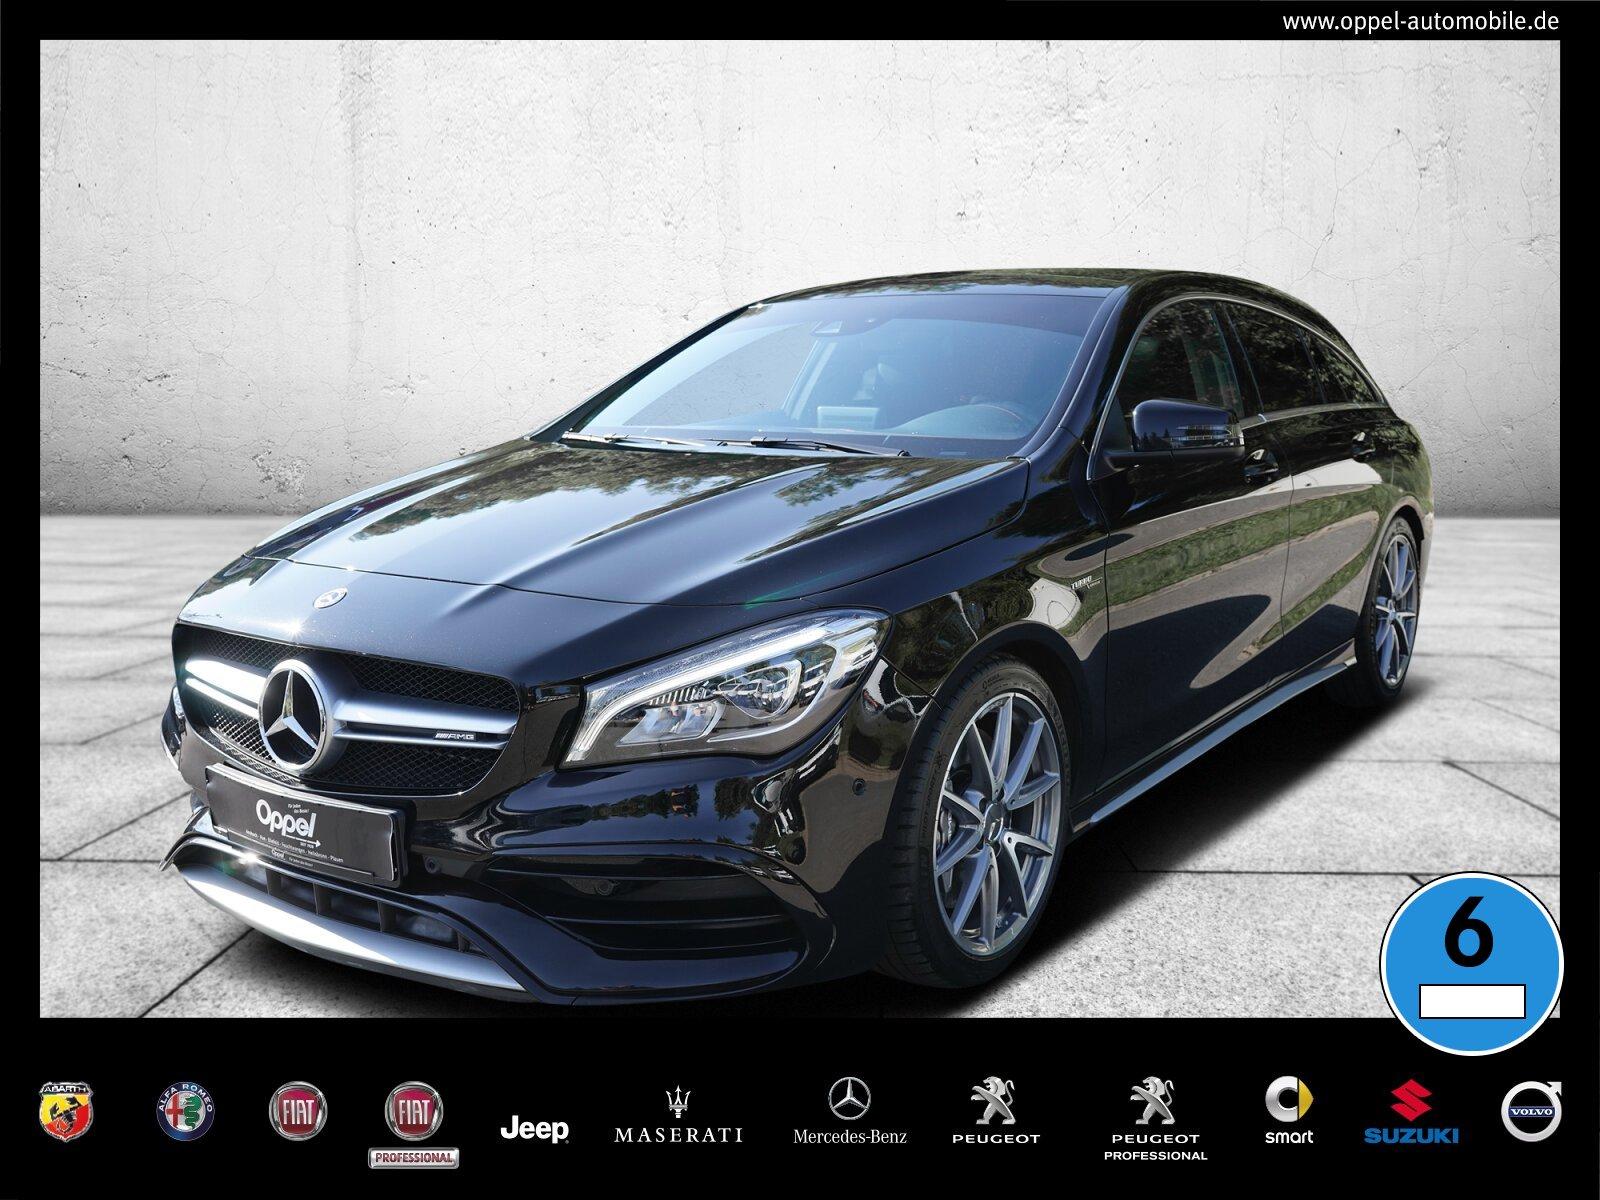 Mercedes-Benz CLA 45 AMG SB 4M +PANO. DACH+NAVI+ KEYLESS START, Jahr 2017, Benzin